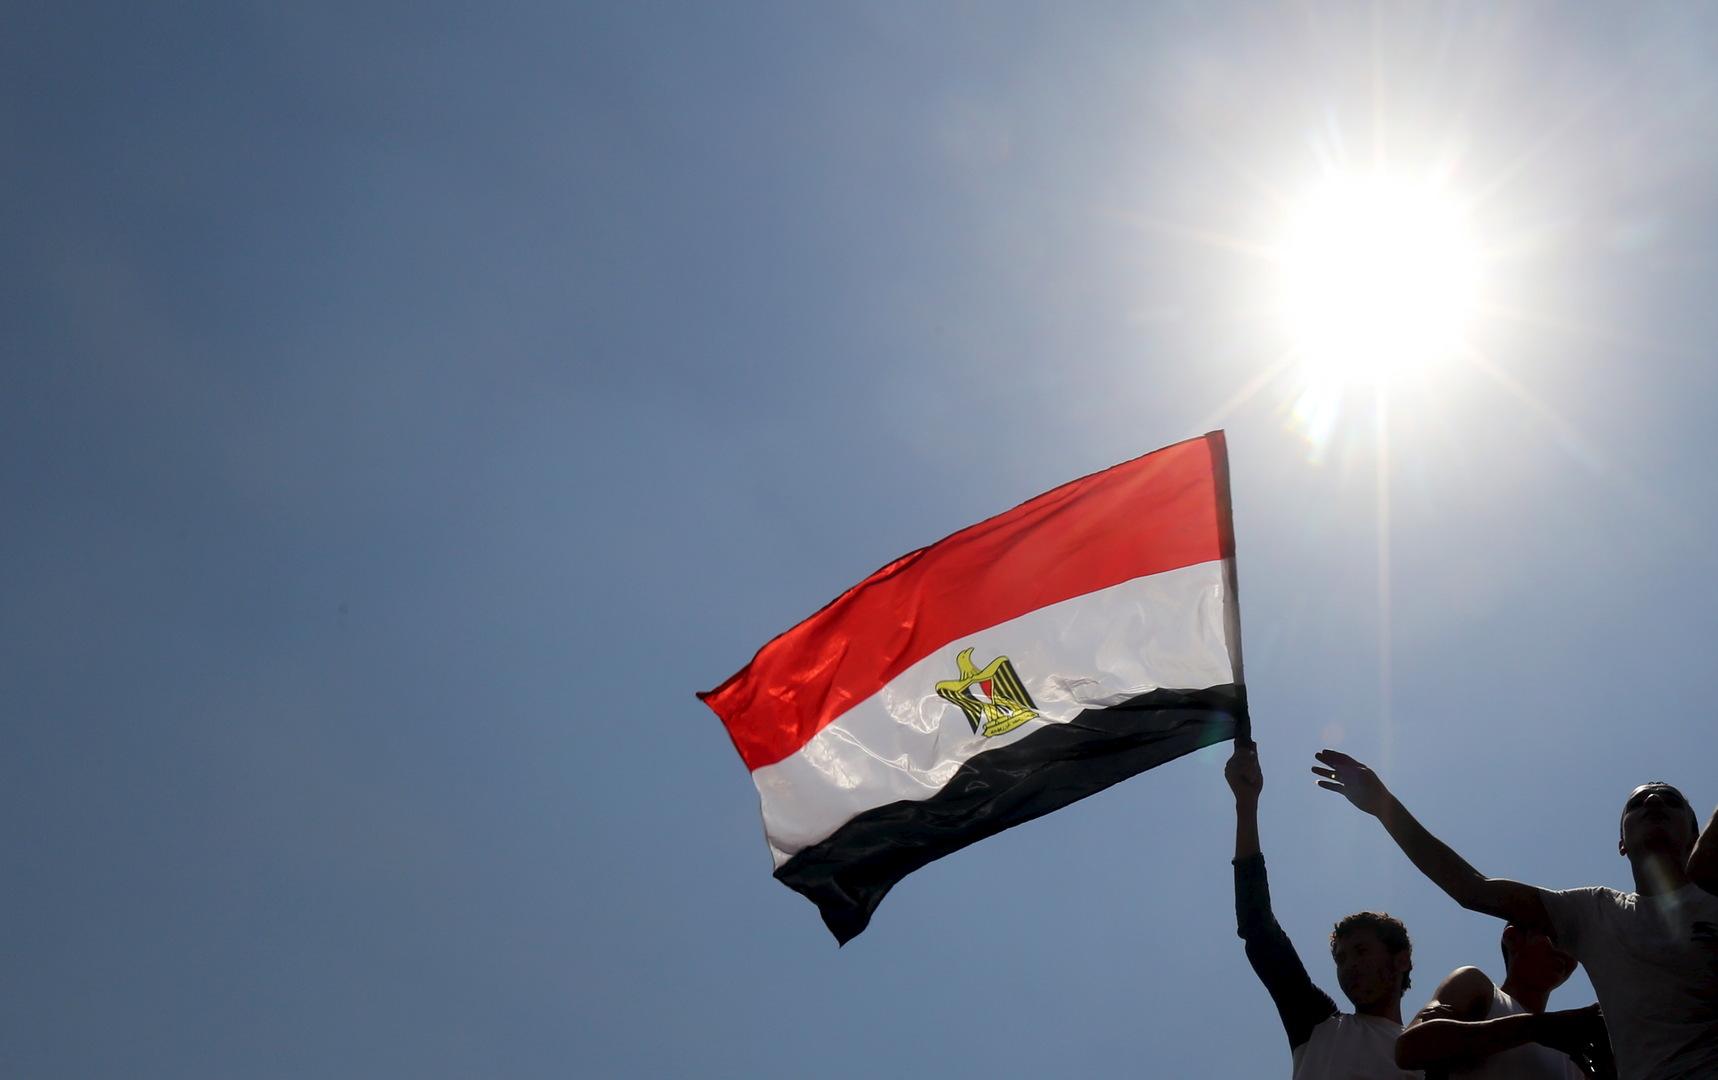 دار الإفتاء المصرية تنشر معلومات عن